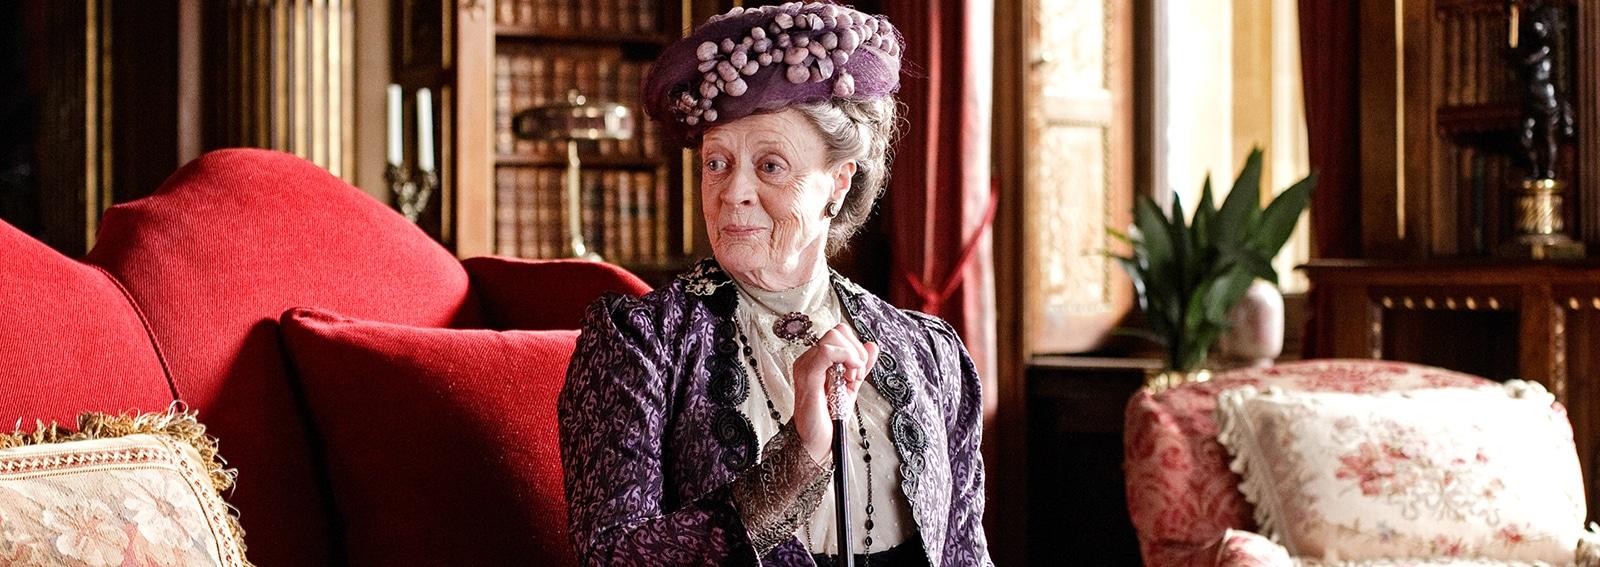 Lady Grantham